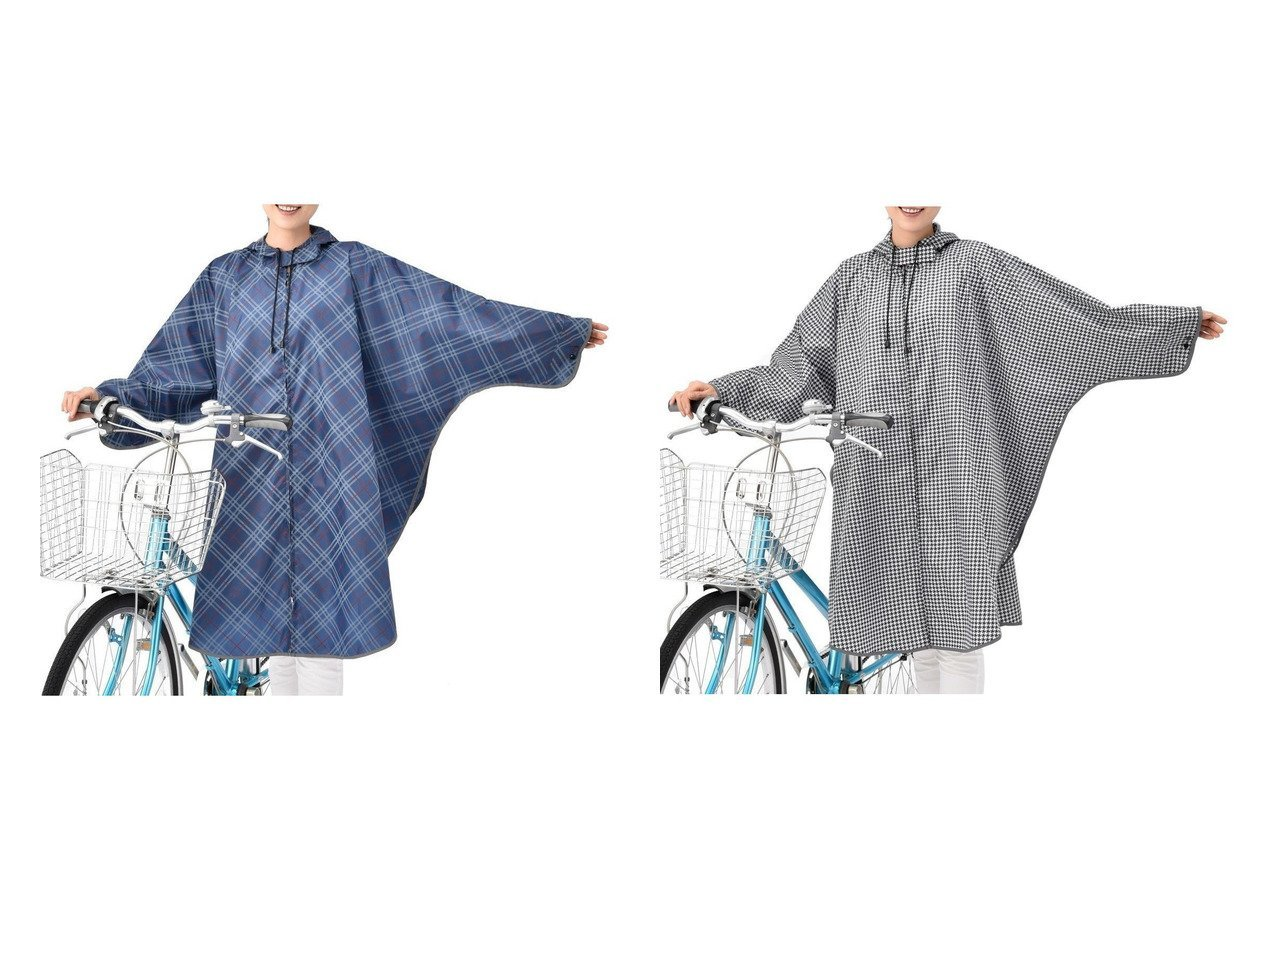 【NOBRAND/ノーブランド】の#KW-451~453 レインポンチョ ファスナー全開タイプ アウターのおすすめ!人気、トレンド・レディースファッションの通販 おすすめで人気の流行・トレンド、ファッションの通販商品 メンズファッション・キッズファッション・インテリア・家具・レディースファッション・服の通販 founy(ファニー) https://founy.com/ ファッション Fashion レディースファッション WOMEN アウター Coat Outerwear ポンチョ Ponchos カメラ コーティング チェック 定番 Standard パイピング ワイド  ID:crp329100000015037